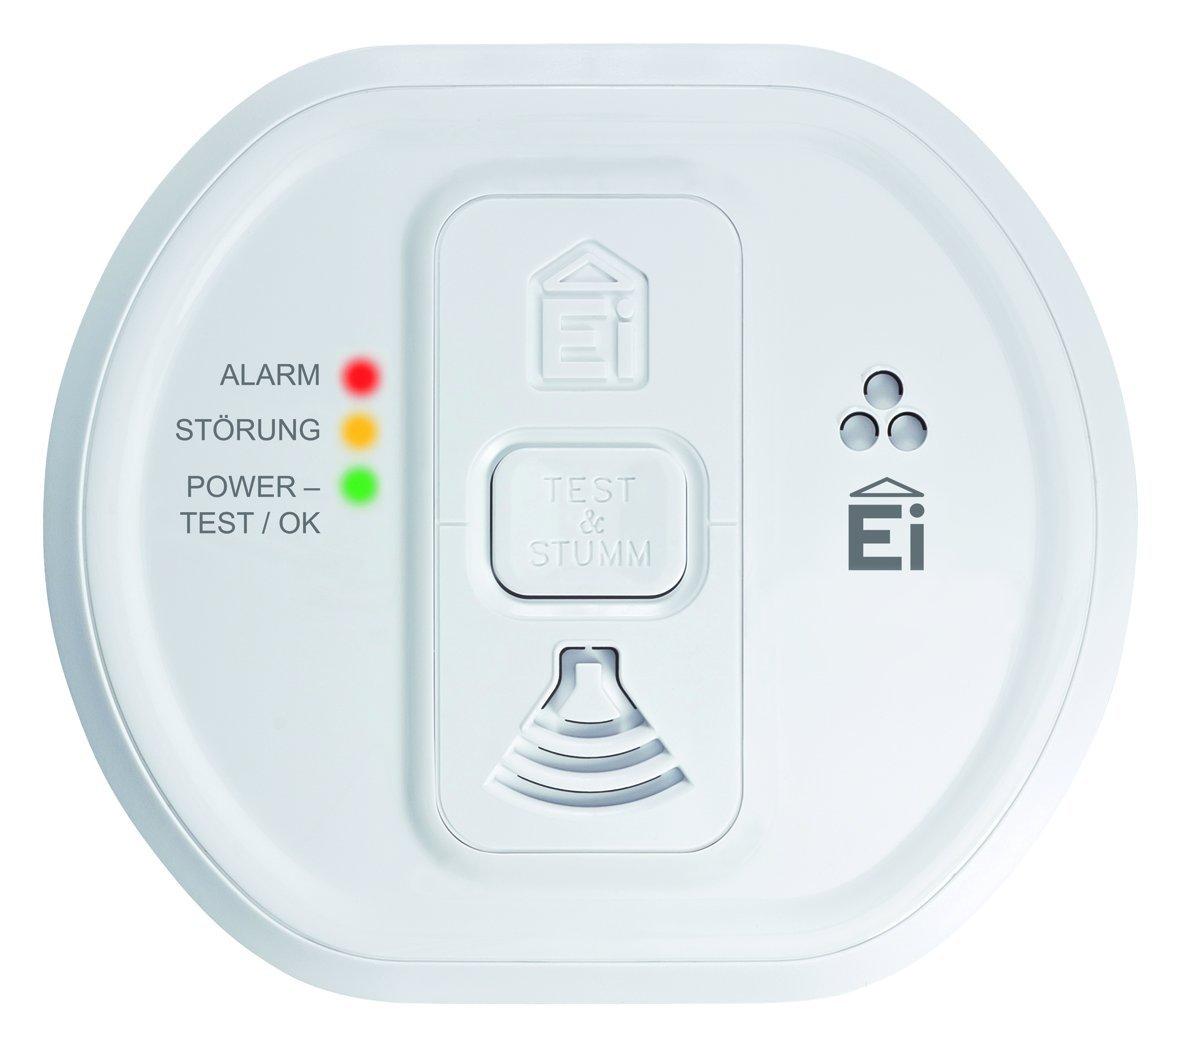 Ei Electronics Ei 207 Kohlenmonoxidwarnmelder (fü r Wohnung, Camping und Boot, 7 Jahre Produktlebensdauer) weiß , 1 Stü ck Ei Electronics (Non-Consi) Ei 207EN